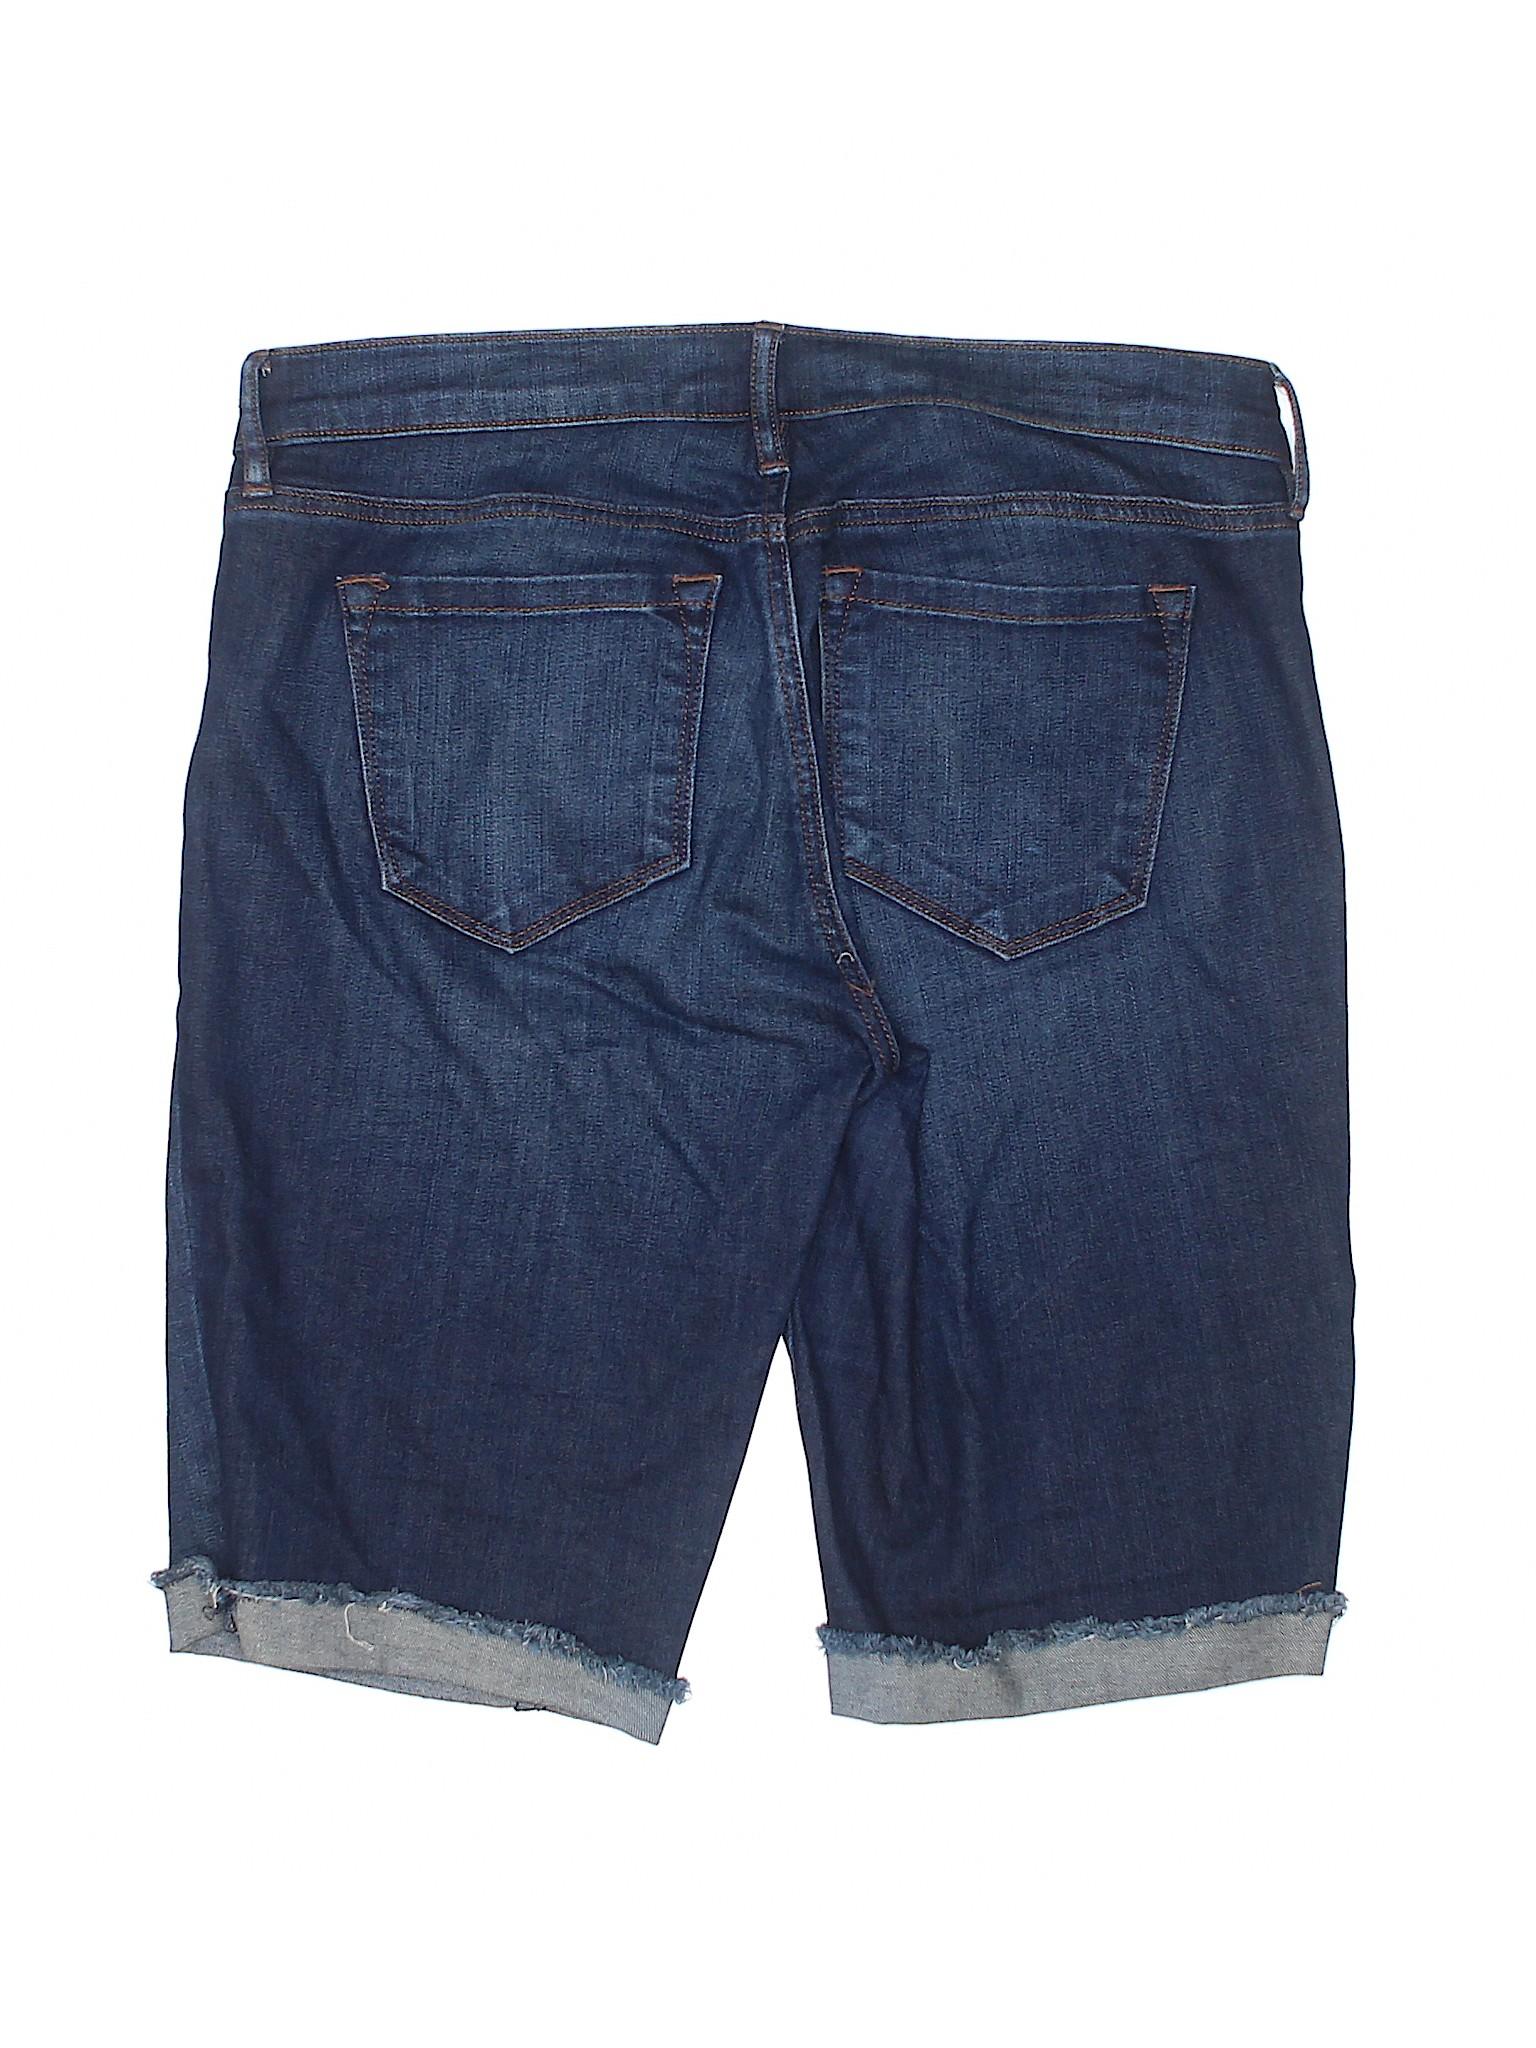 LOFT Shorts Ann Taylor winter Denim Leisure 4zxfX